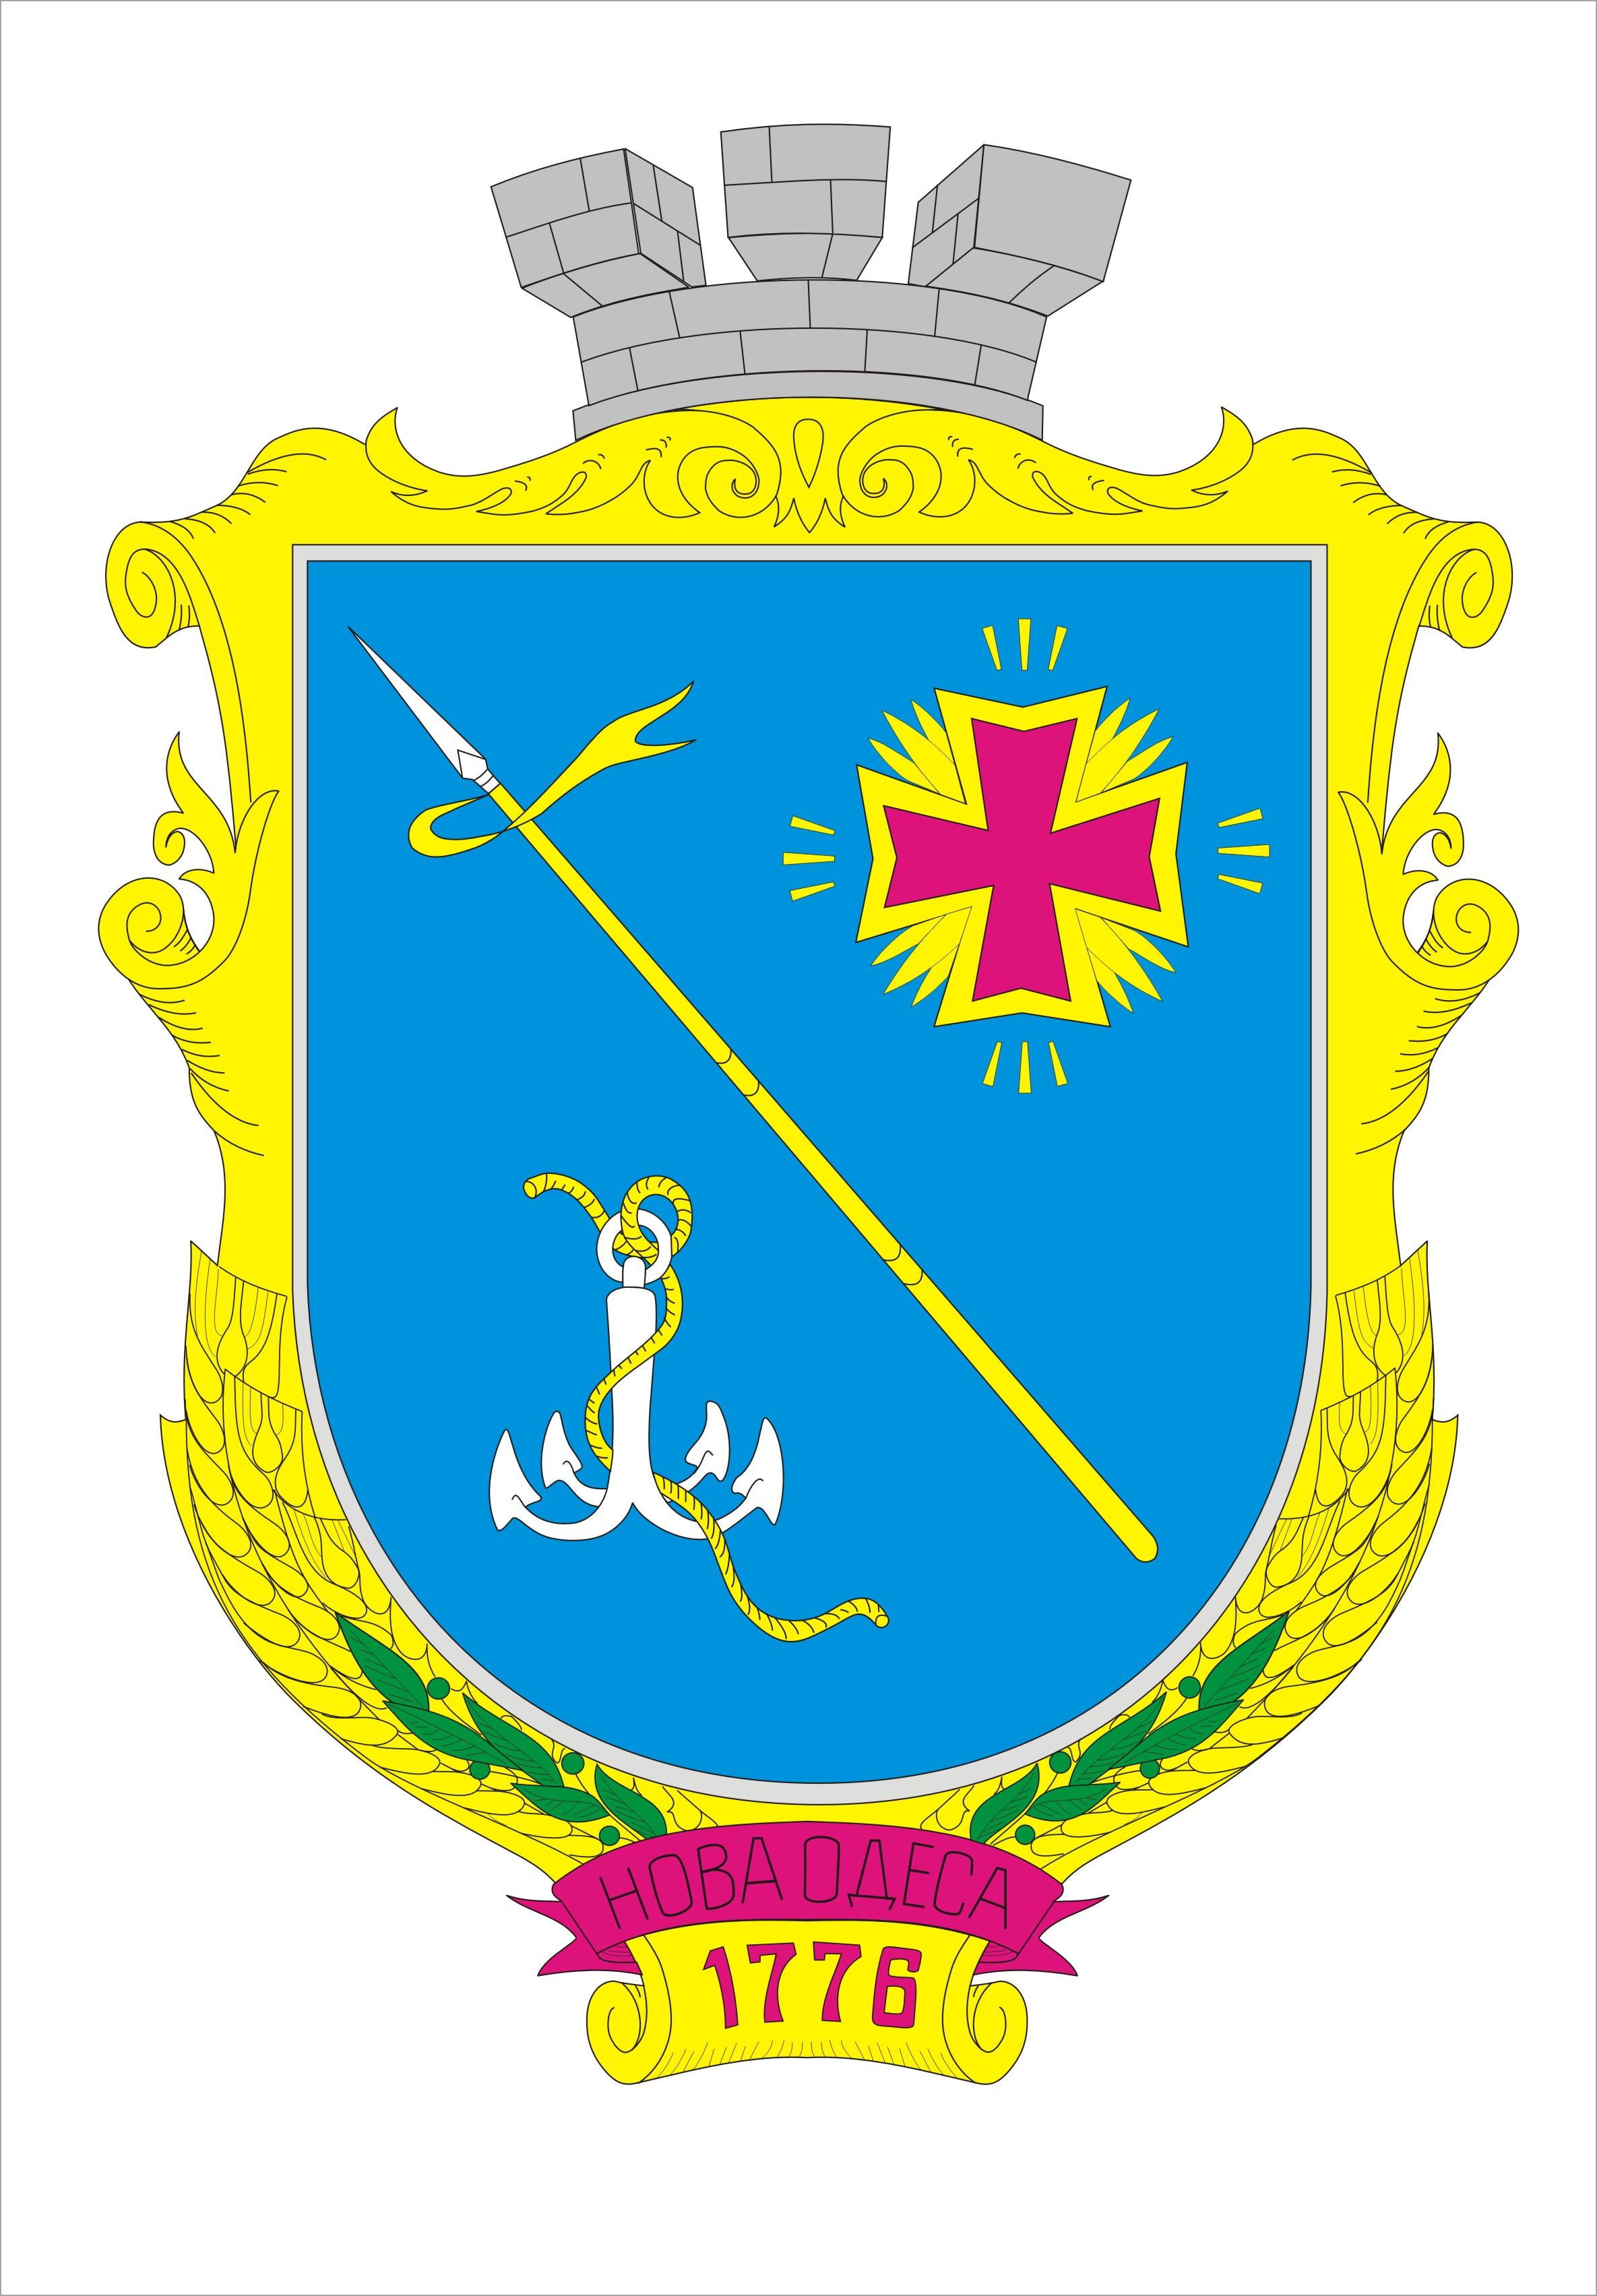 vykonavchyi-komitet-novoodeskoi-miskoi-rady